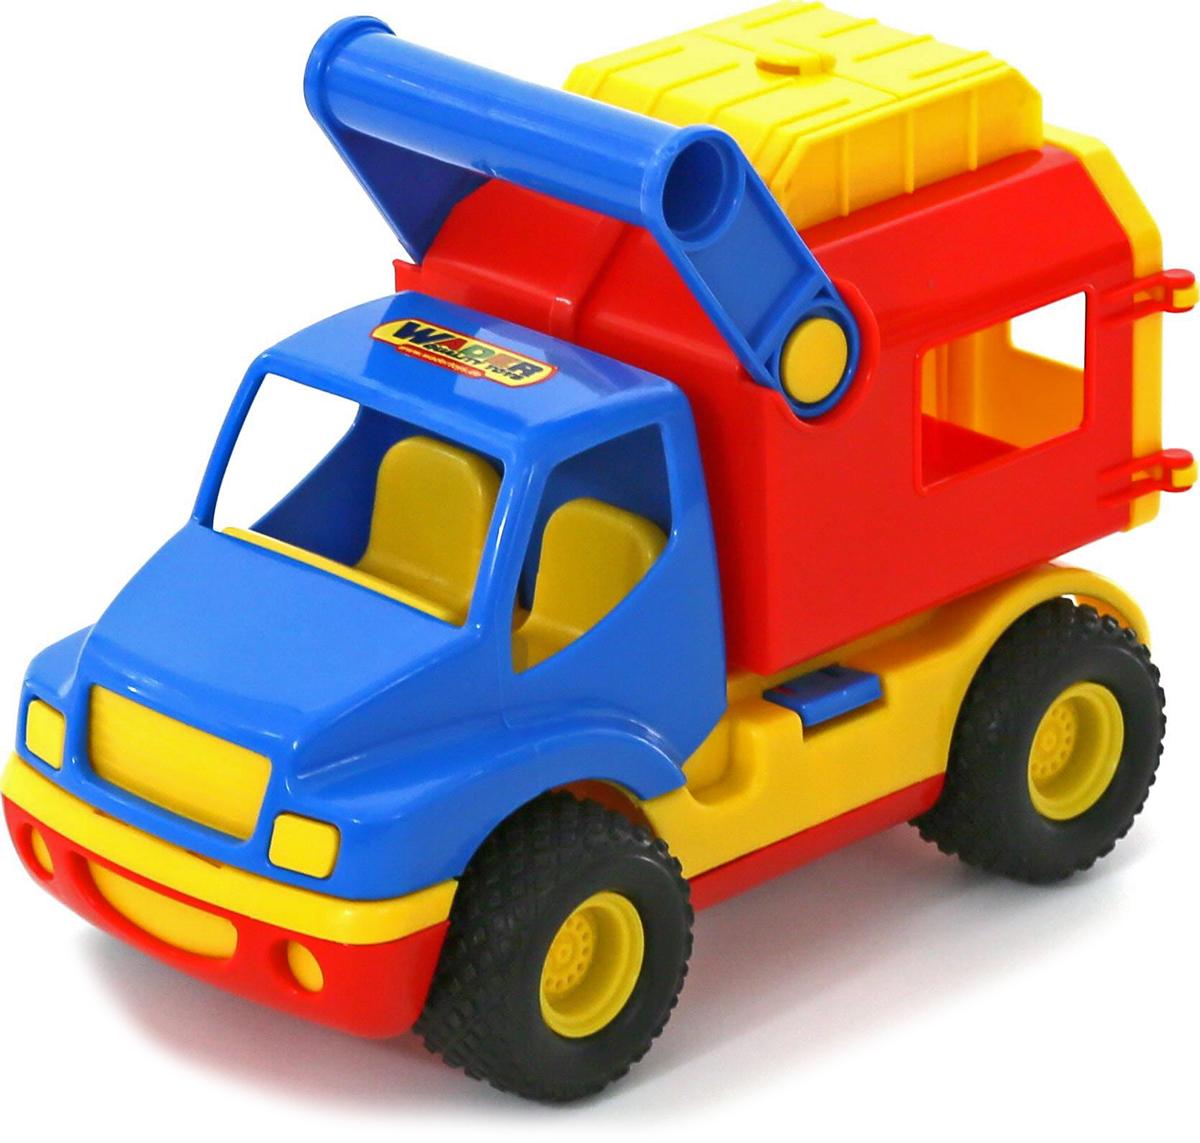 Полесье Фургон КонсТрак автомобиль пожарный полесье майк в коробке 61973